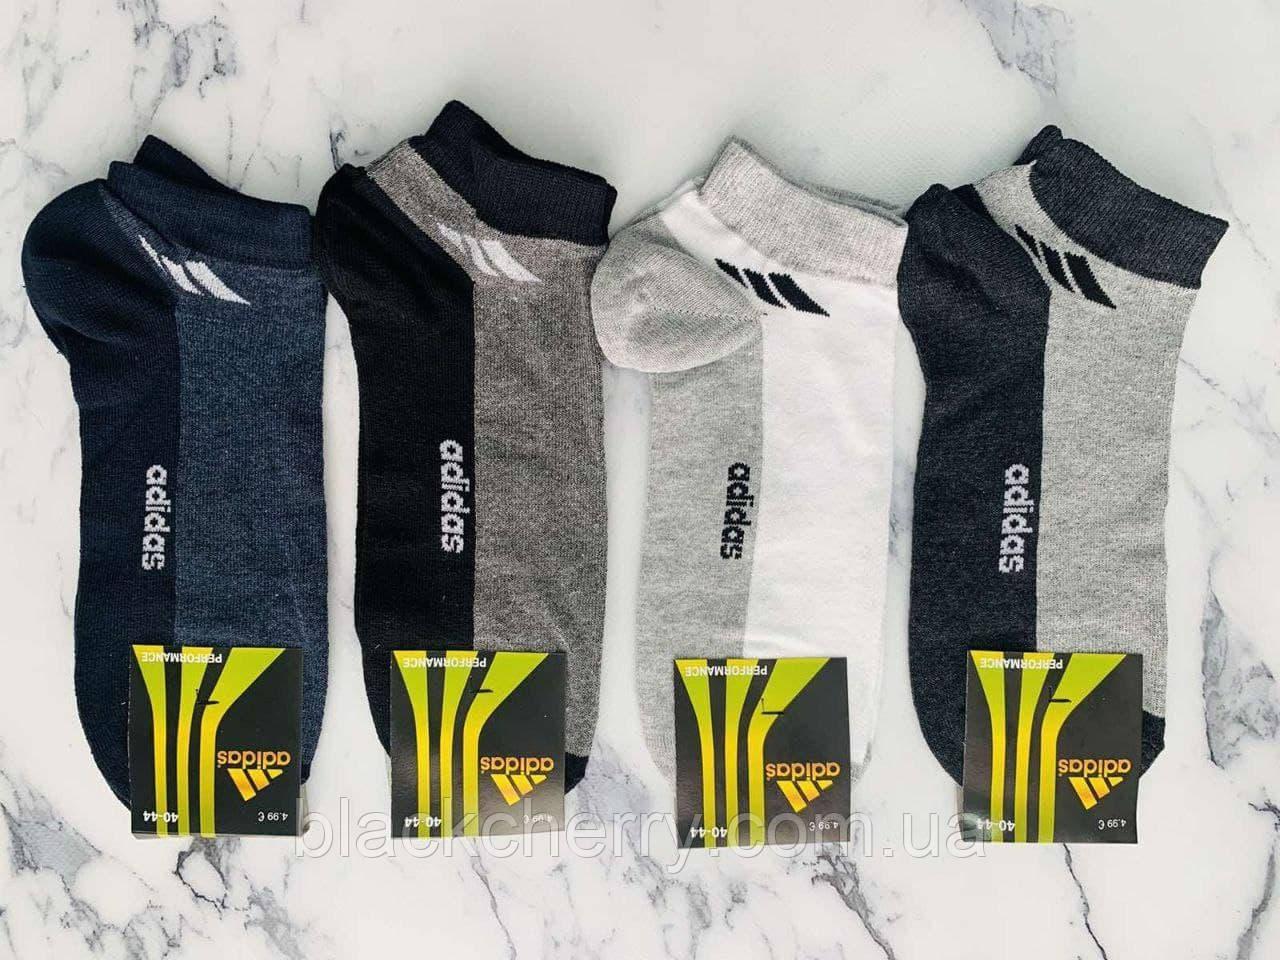 Шкарпетки короткі спорт гладь коротка  Adidas 40-44р.